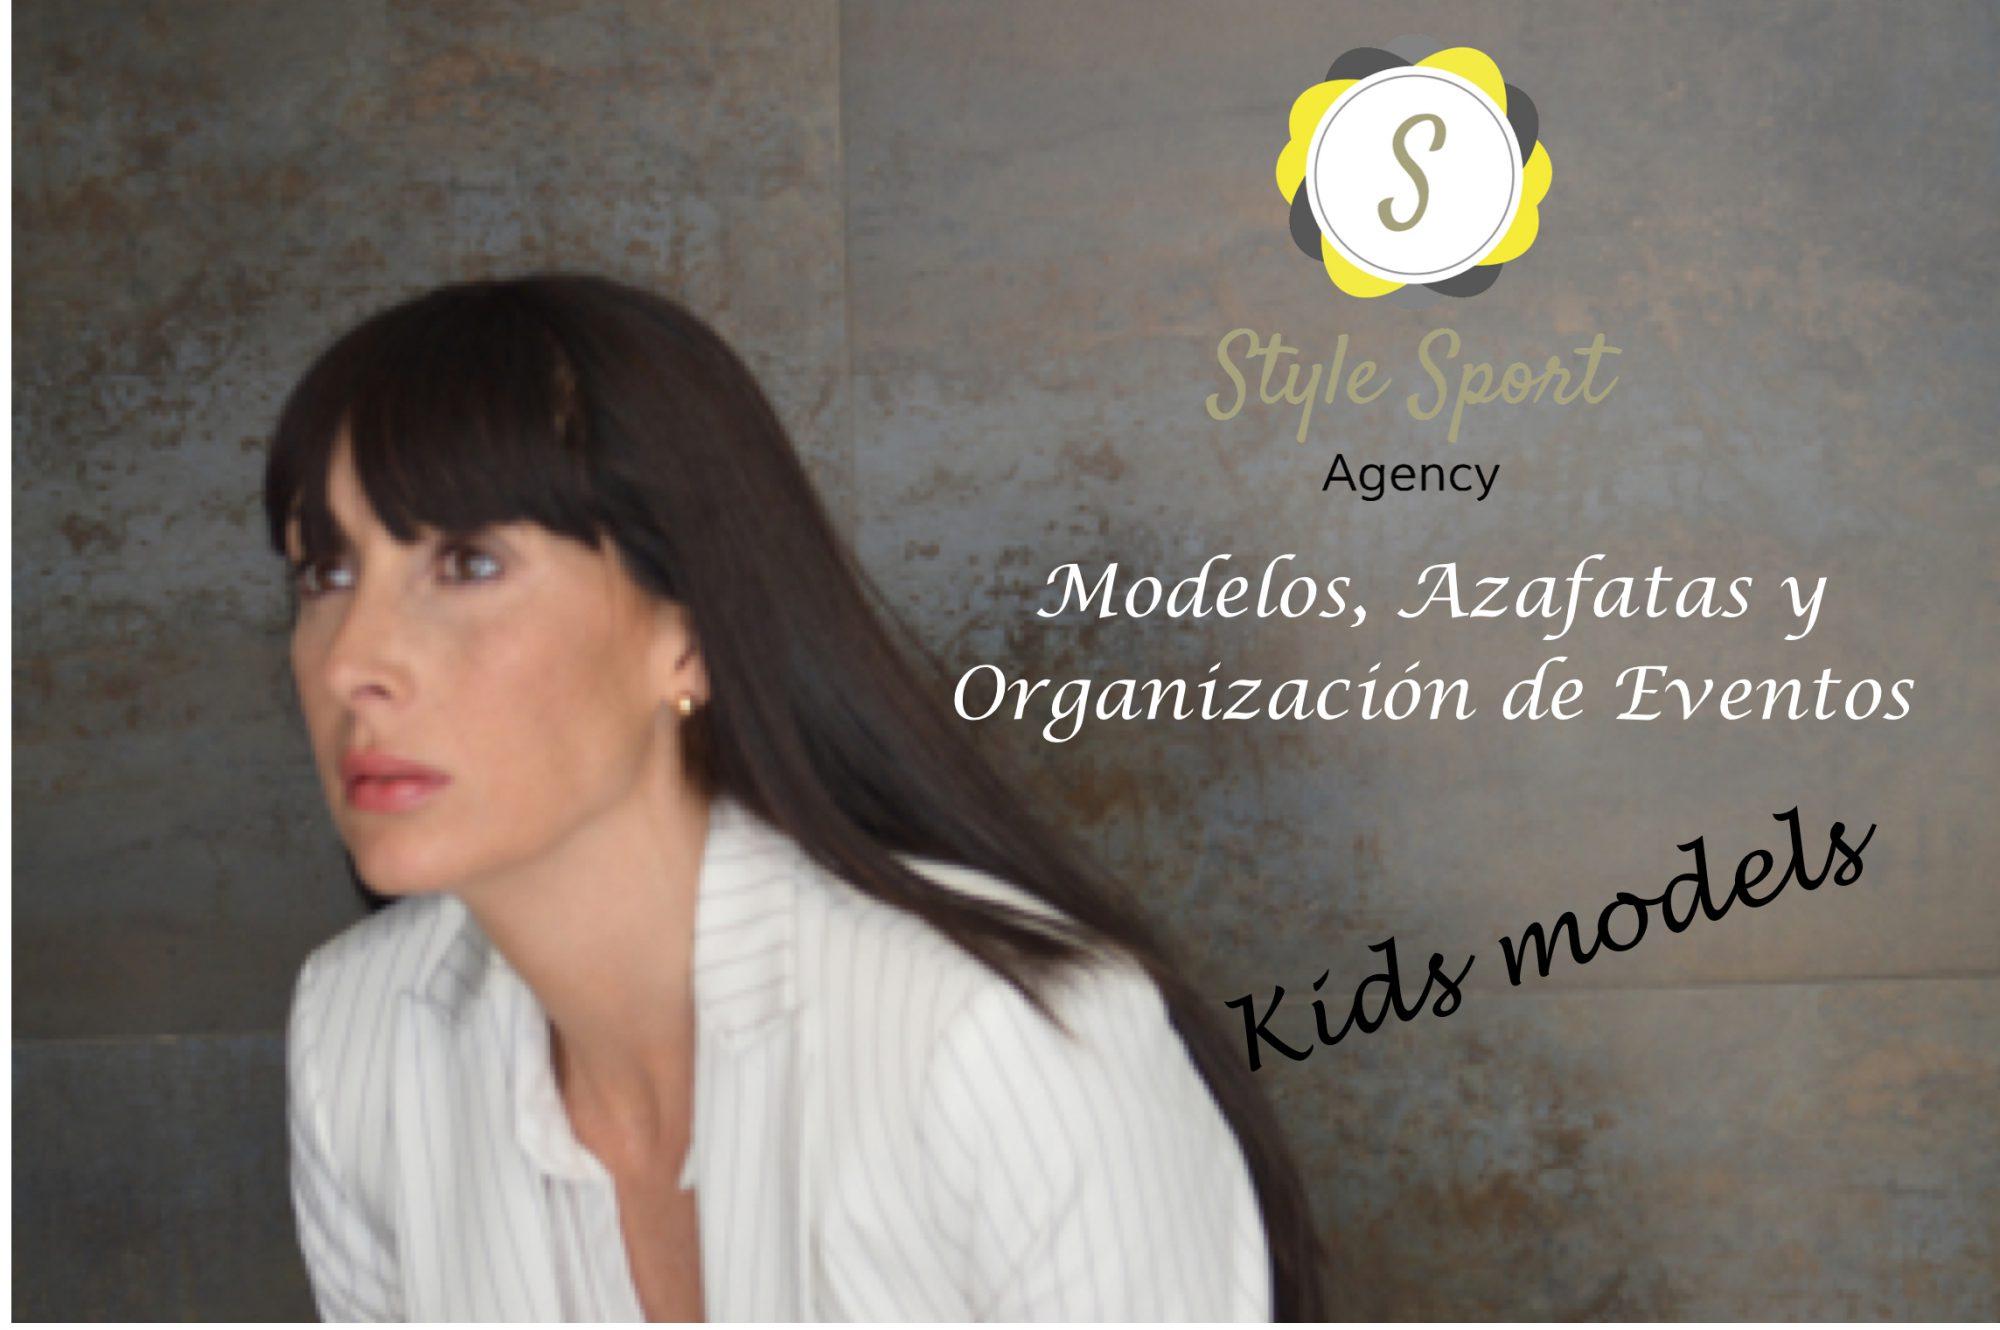 STYLE & SPORT Agency